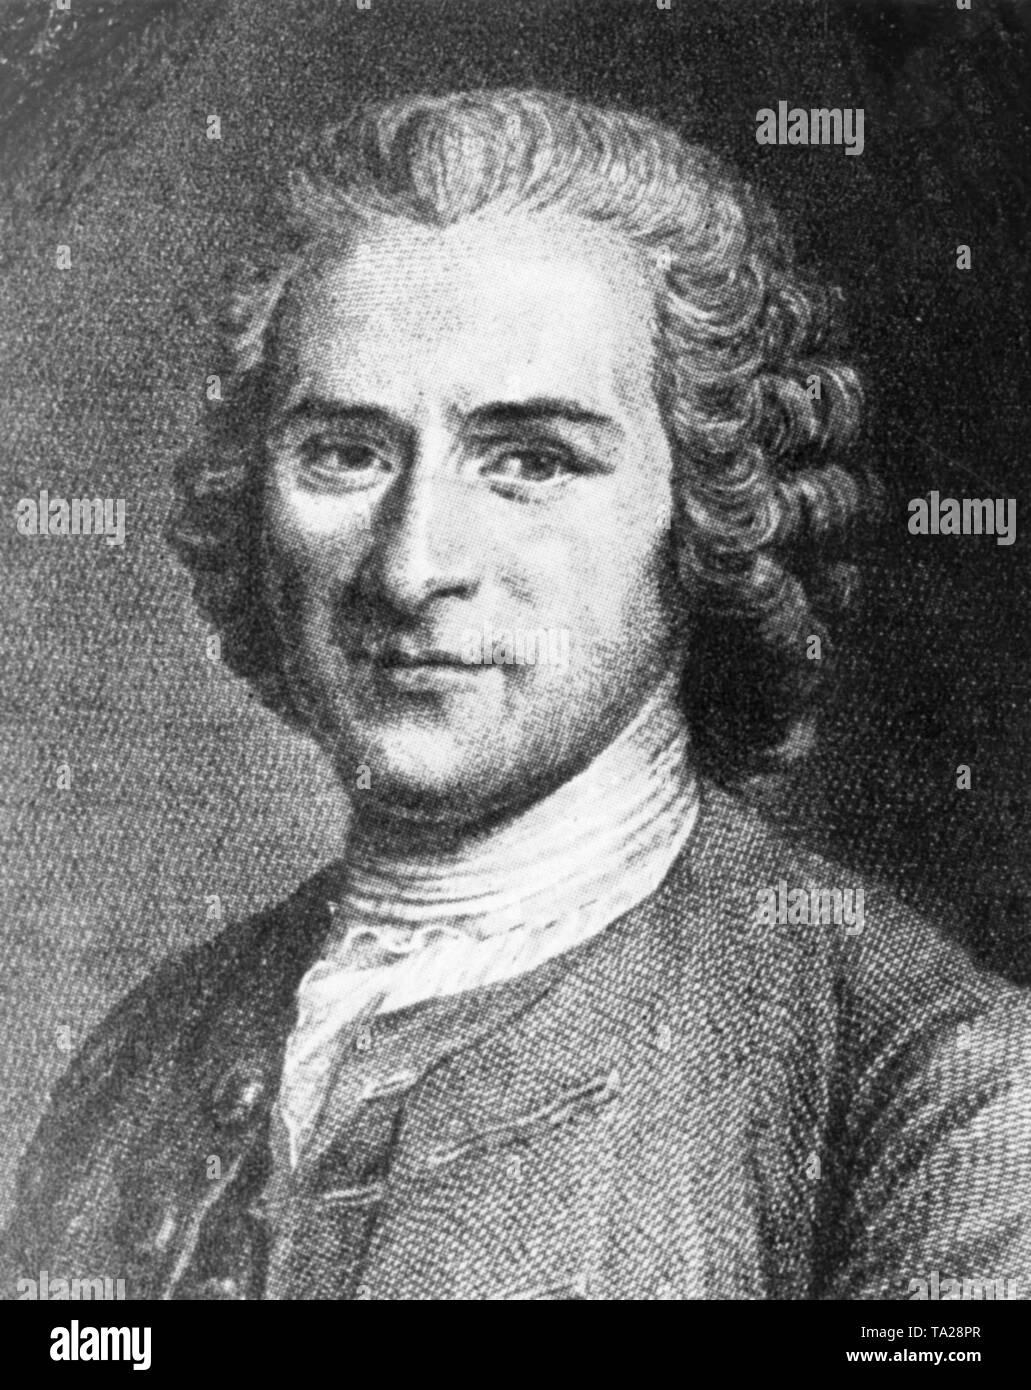 Portrait of Genevan philosopher Jean-Jacques Rousseau, circa 1750 - Stock Image